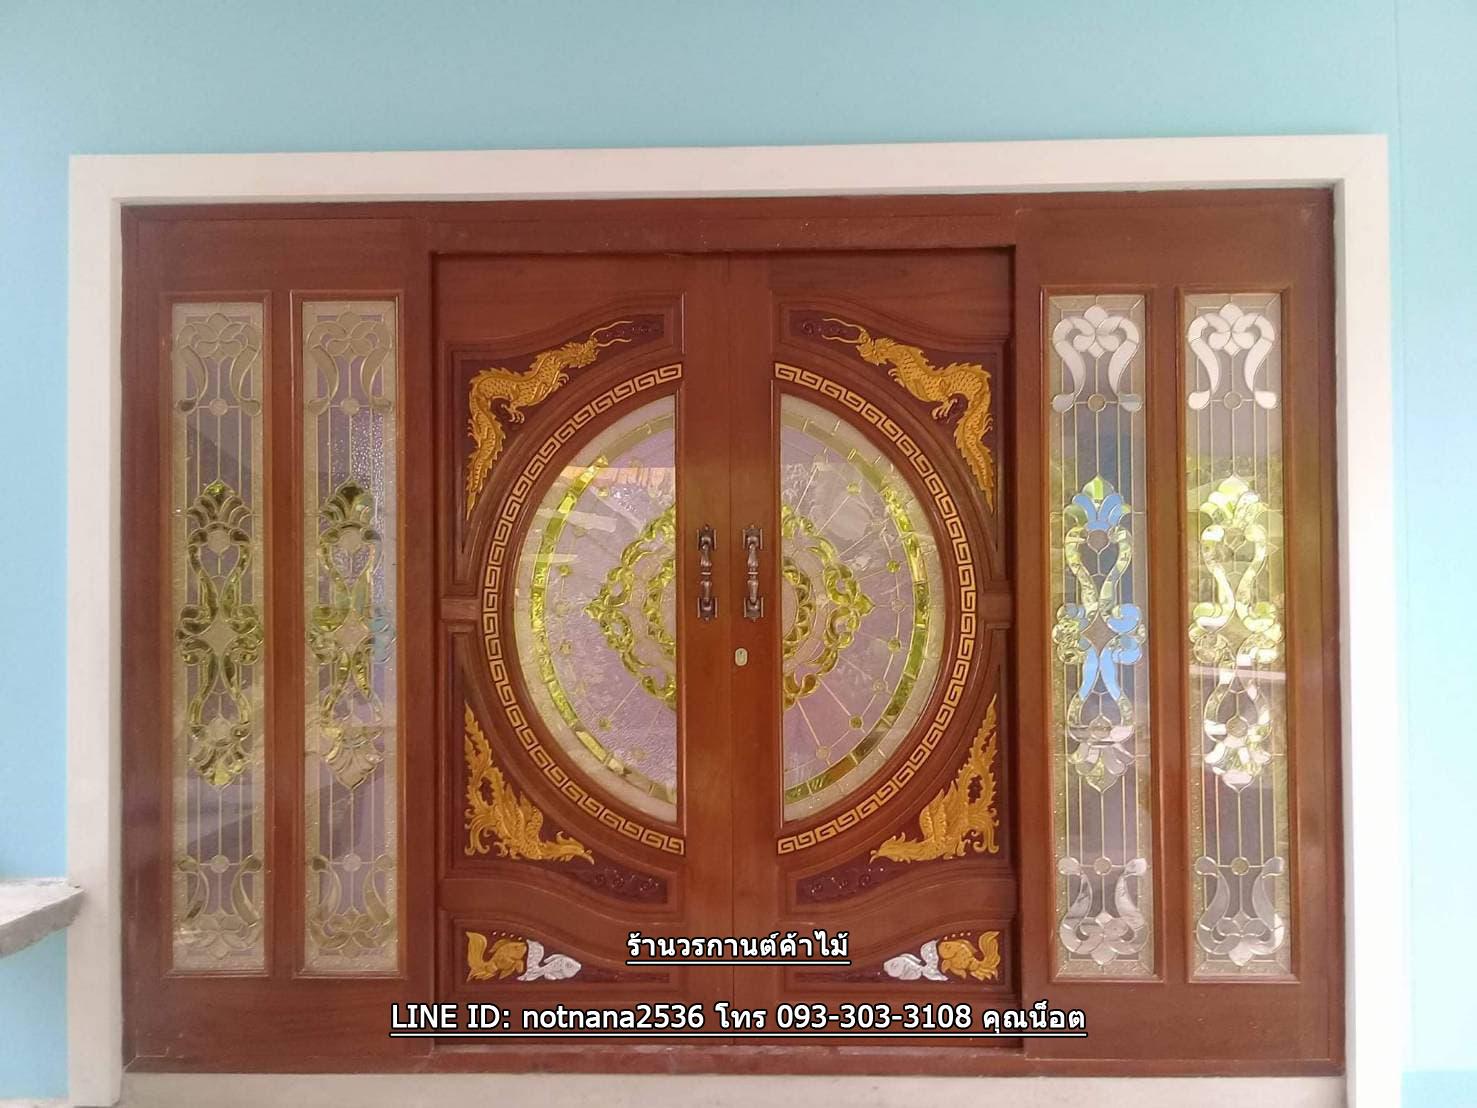 ประตูไม้สักกระจกนิรภัยบานเลื่อน แกะมังกรหงส์ ชุด4ชิ้น รหัส AAA113